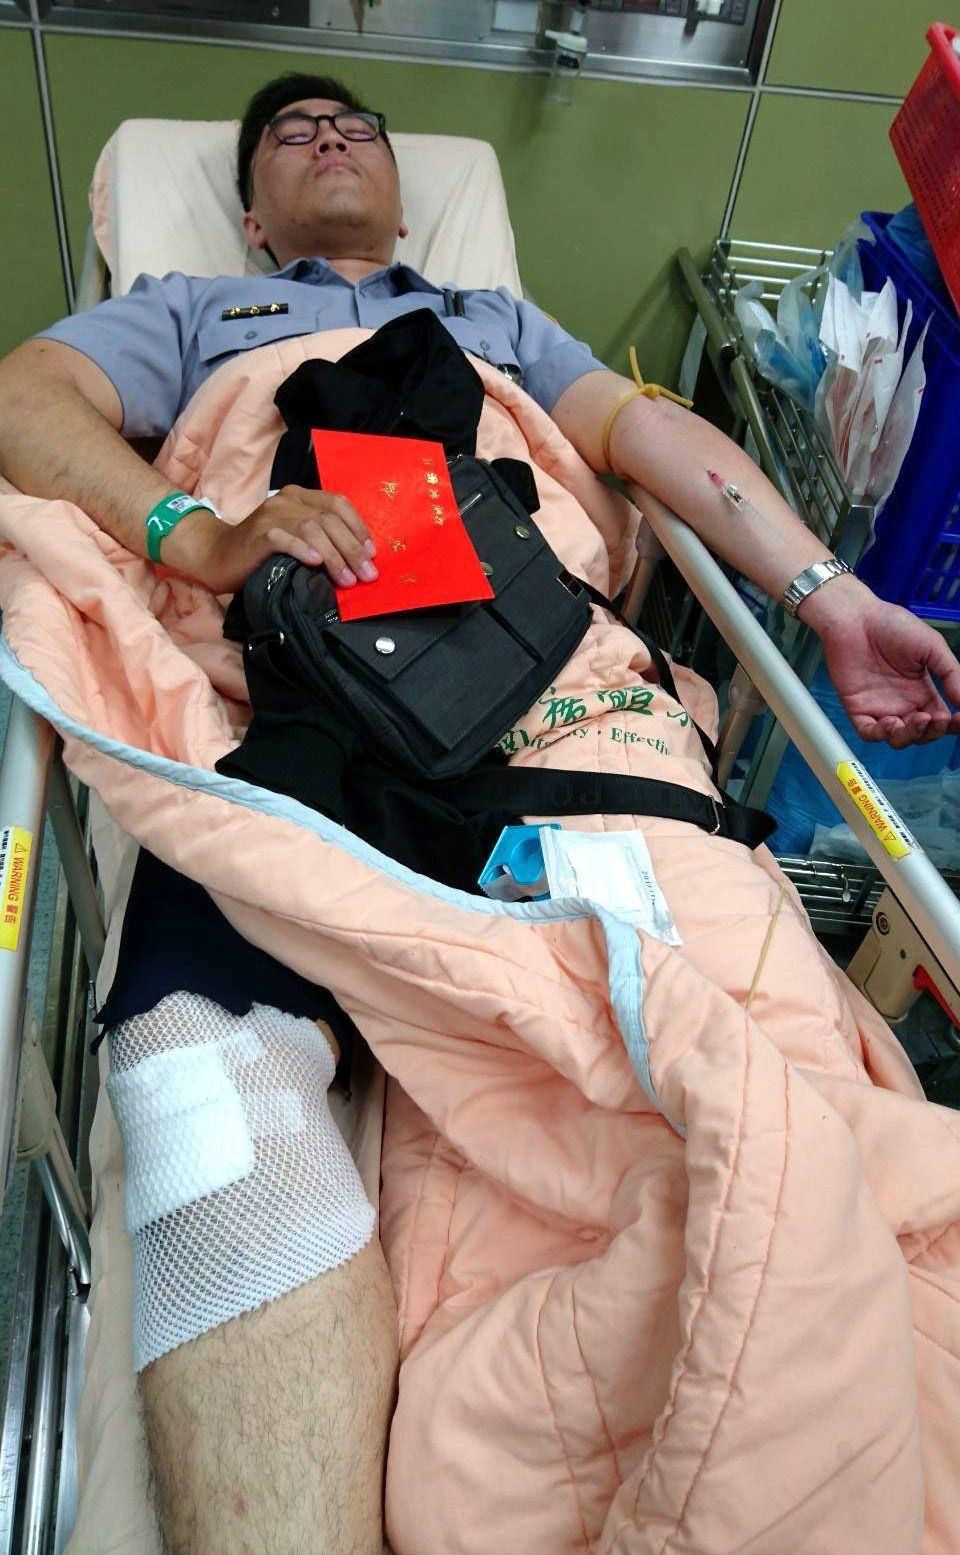 永康分局警員劉耿銘遭翁姓通緝犯遭連車拖行受傷。圖/翻攝畫面